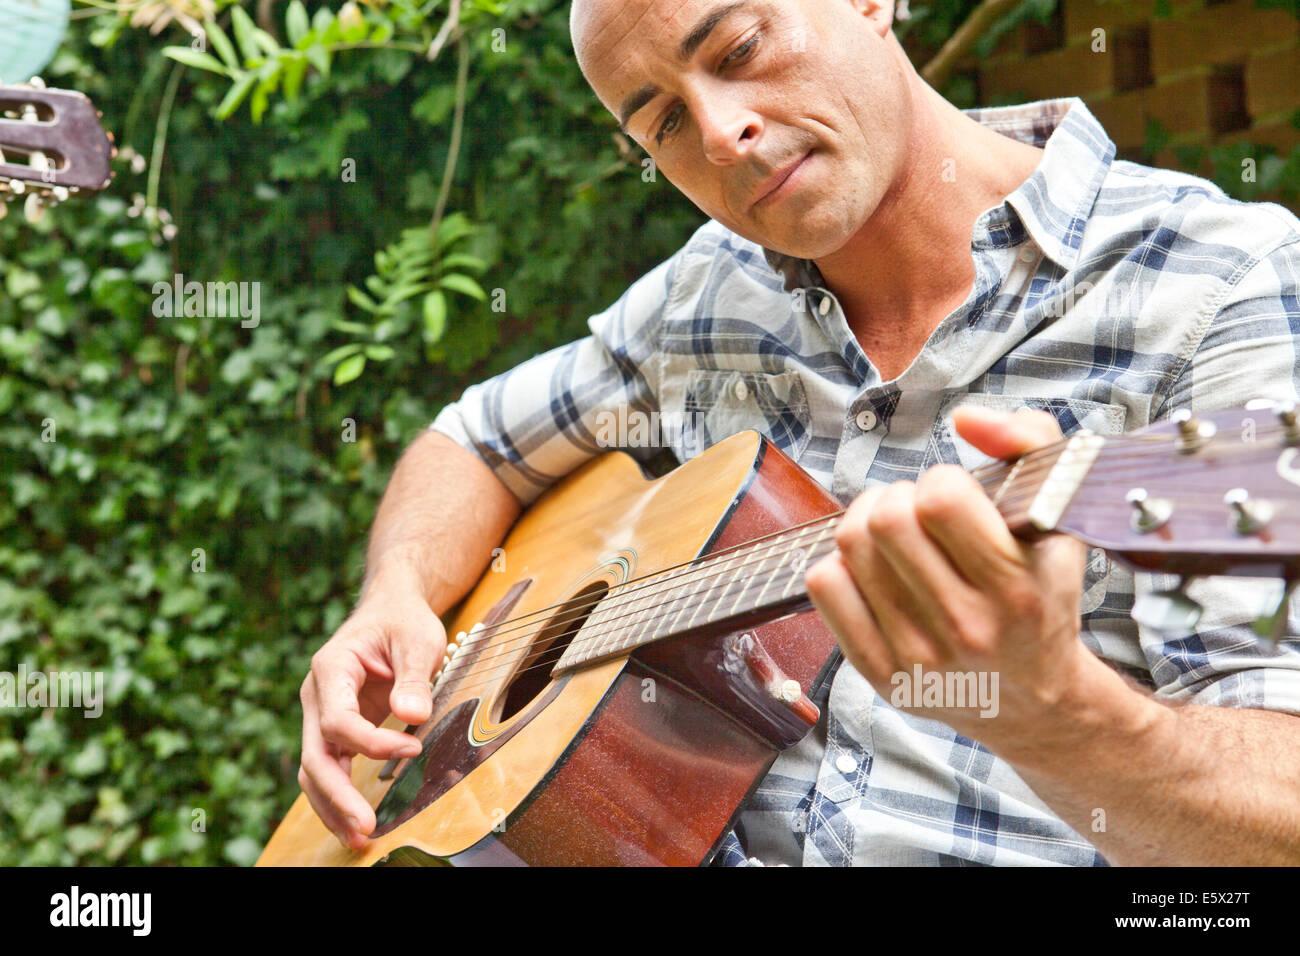 Metà uomo adulto suonare la chitarra acustica in giardino Immagini Stock